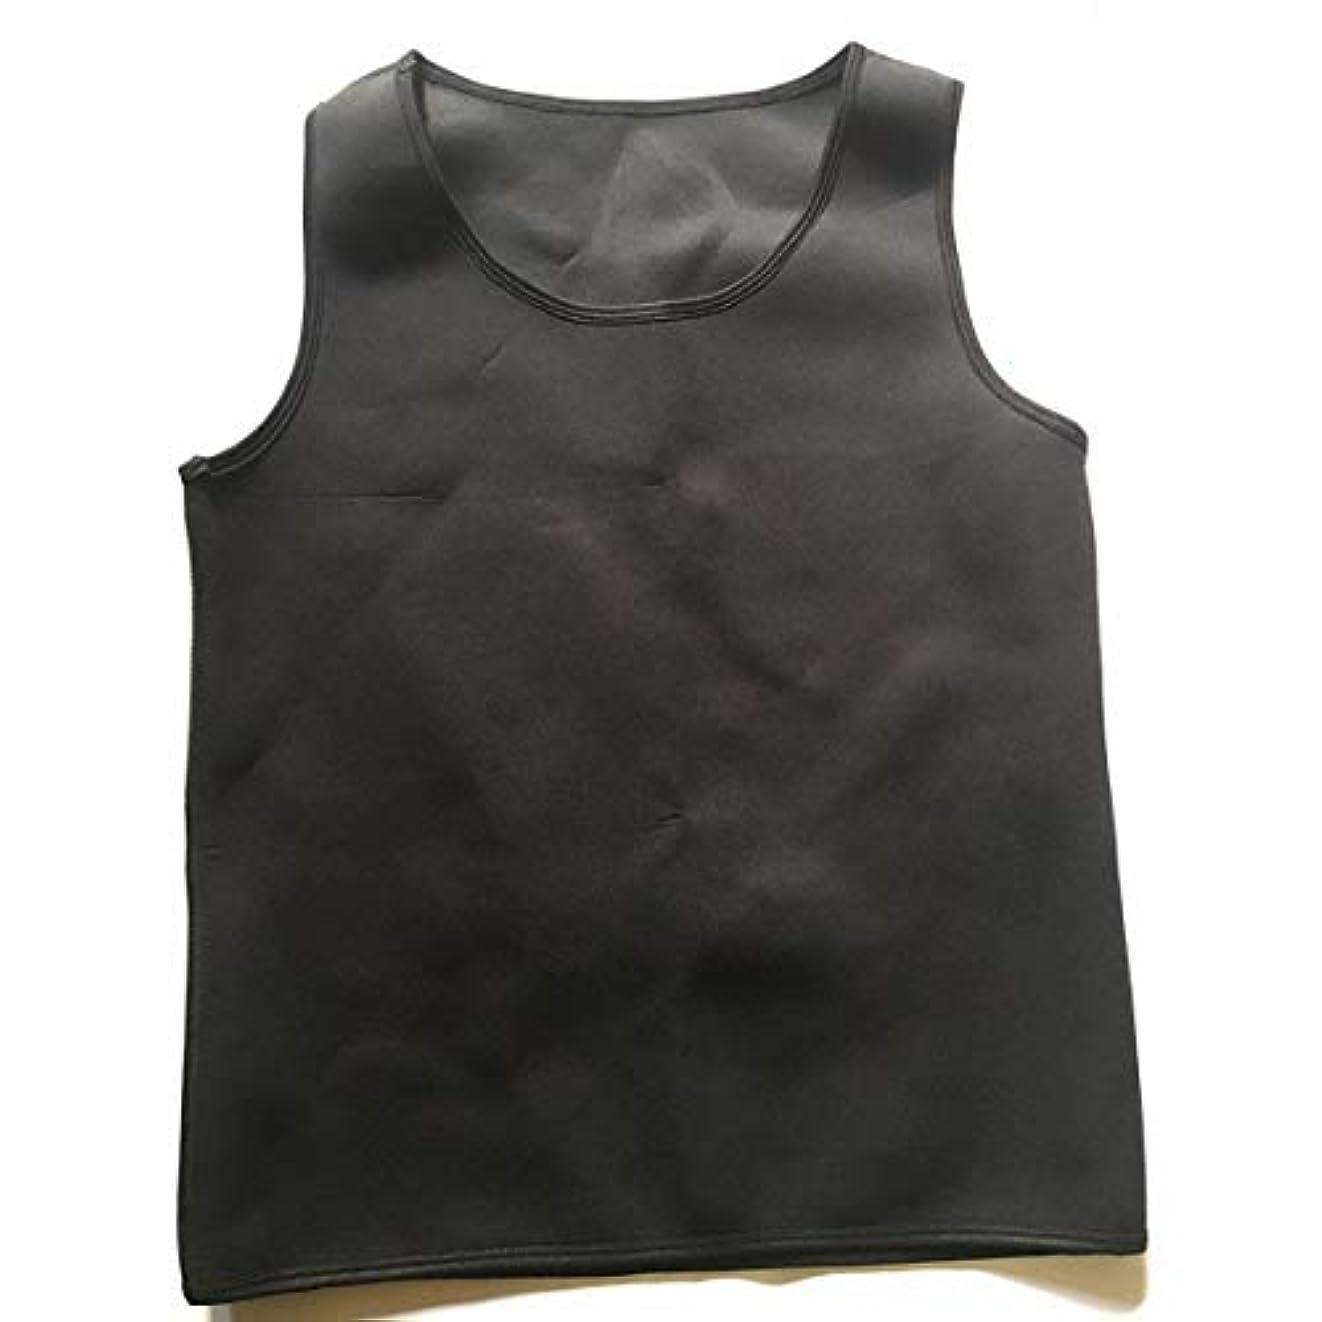 スタッフマルコポーロセグメントIntercoreyネオプレンウエストトレーナーSlim身ベルト腹男性Slim身ベストボディシェイパー腹部脂肪燃焼シェイパーウェア汗コルセット